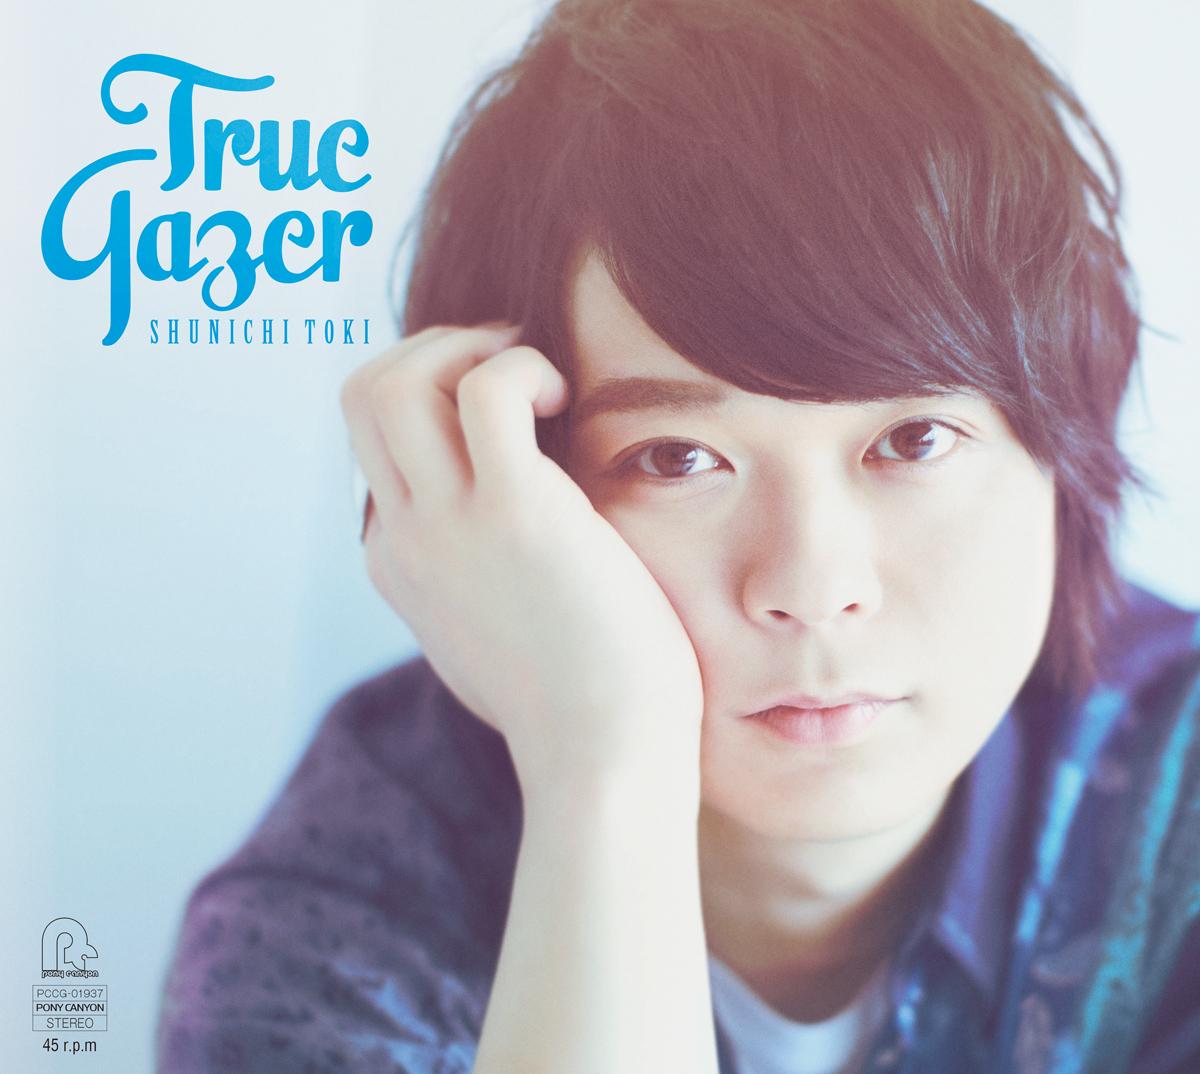 土岐隼一1stミニアルバム「True Gazer」初回盤ジャケット